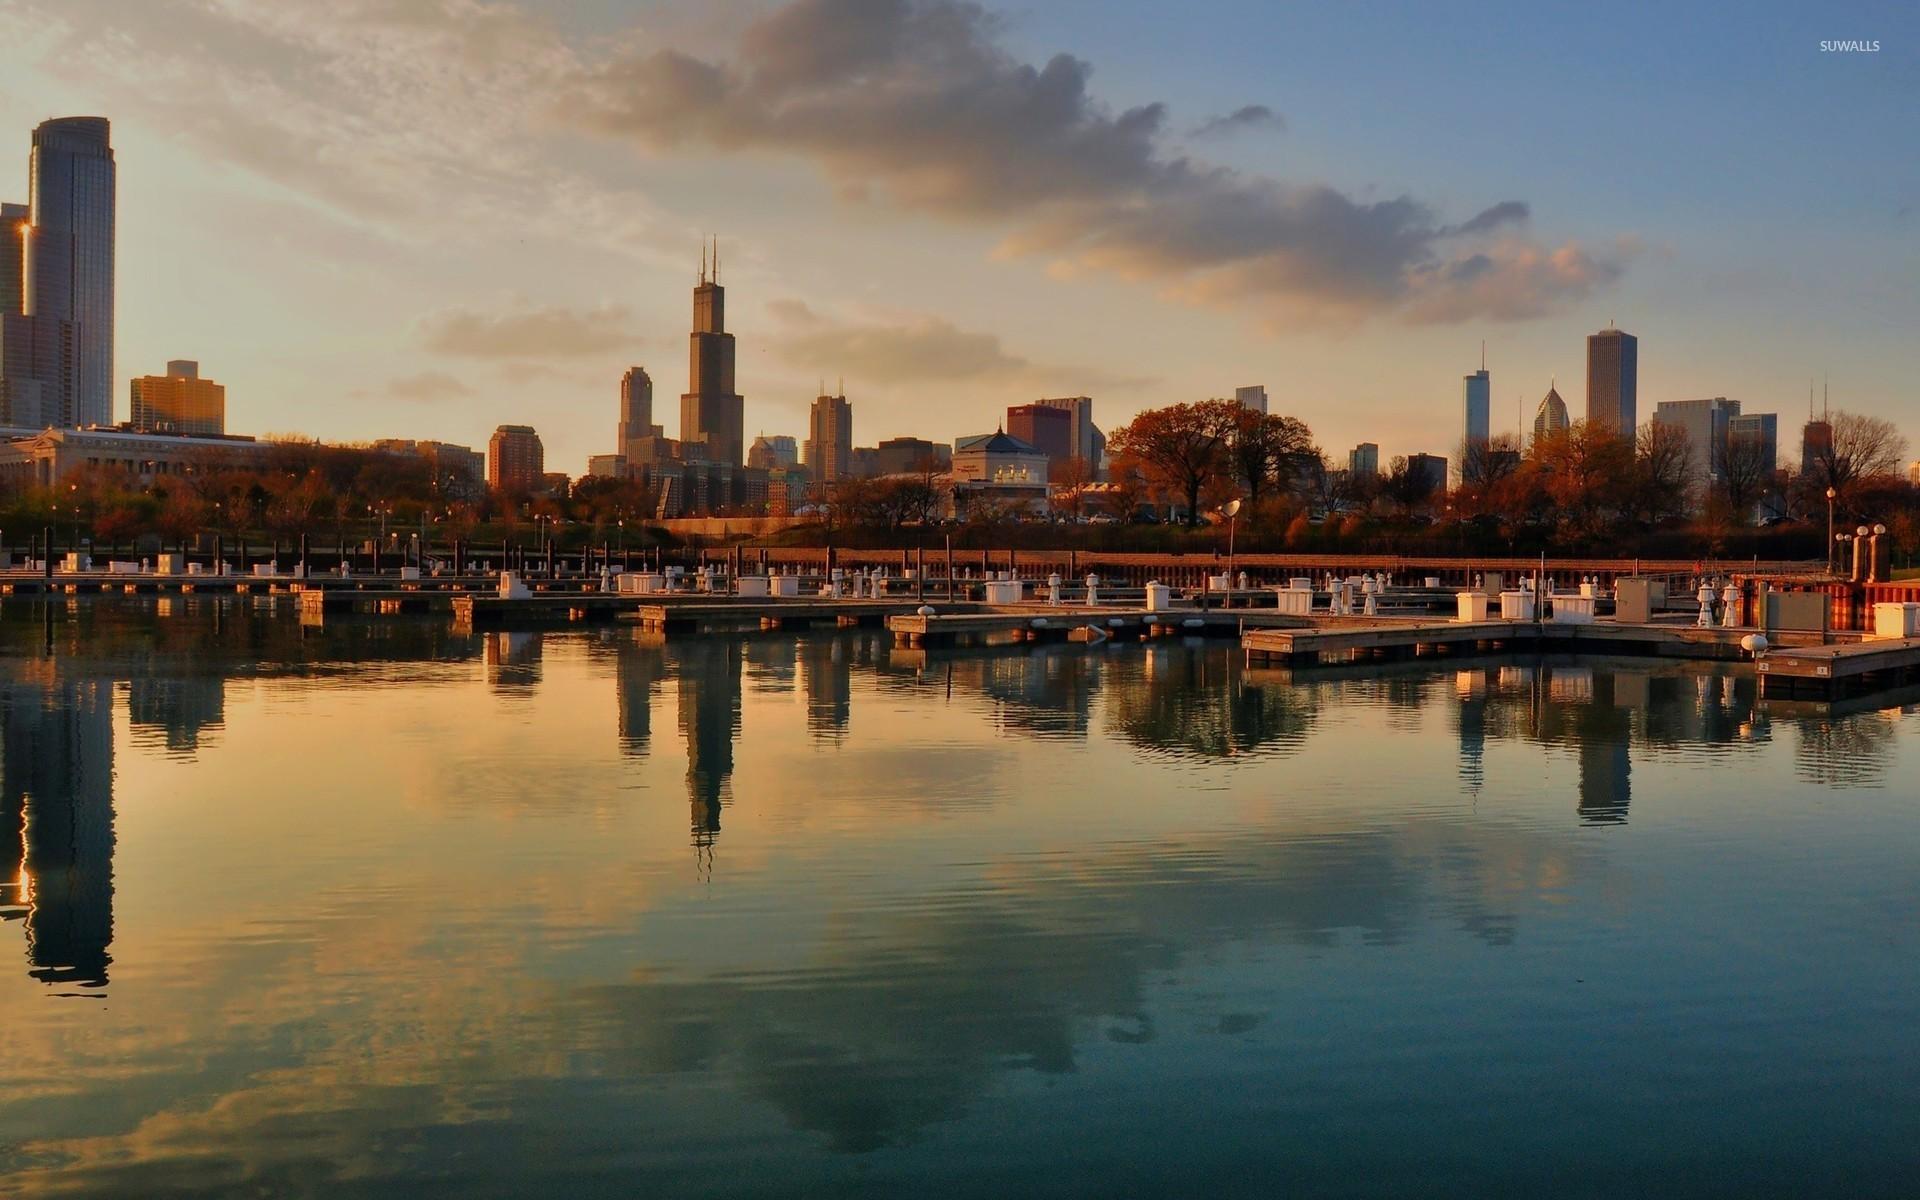 Chicago skyline background wallpapertag - Chicago skyline wallpaper 1920x1080 ...